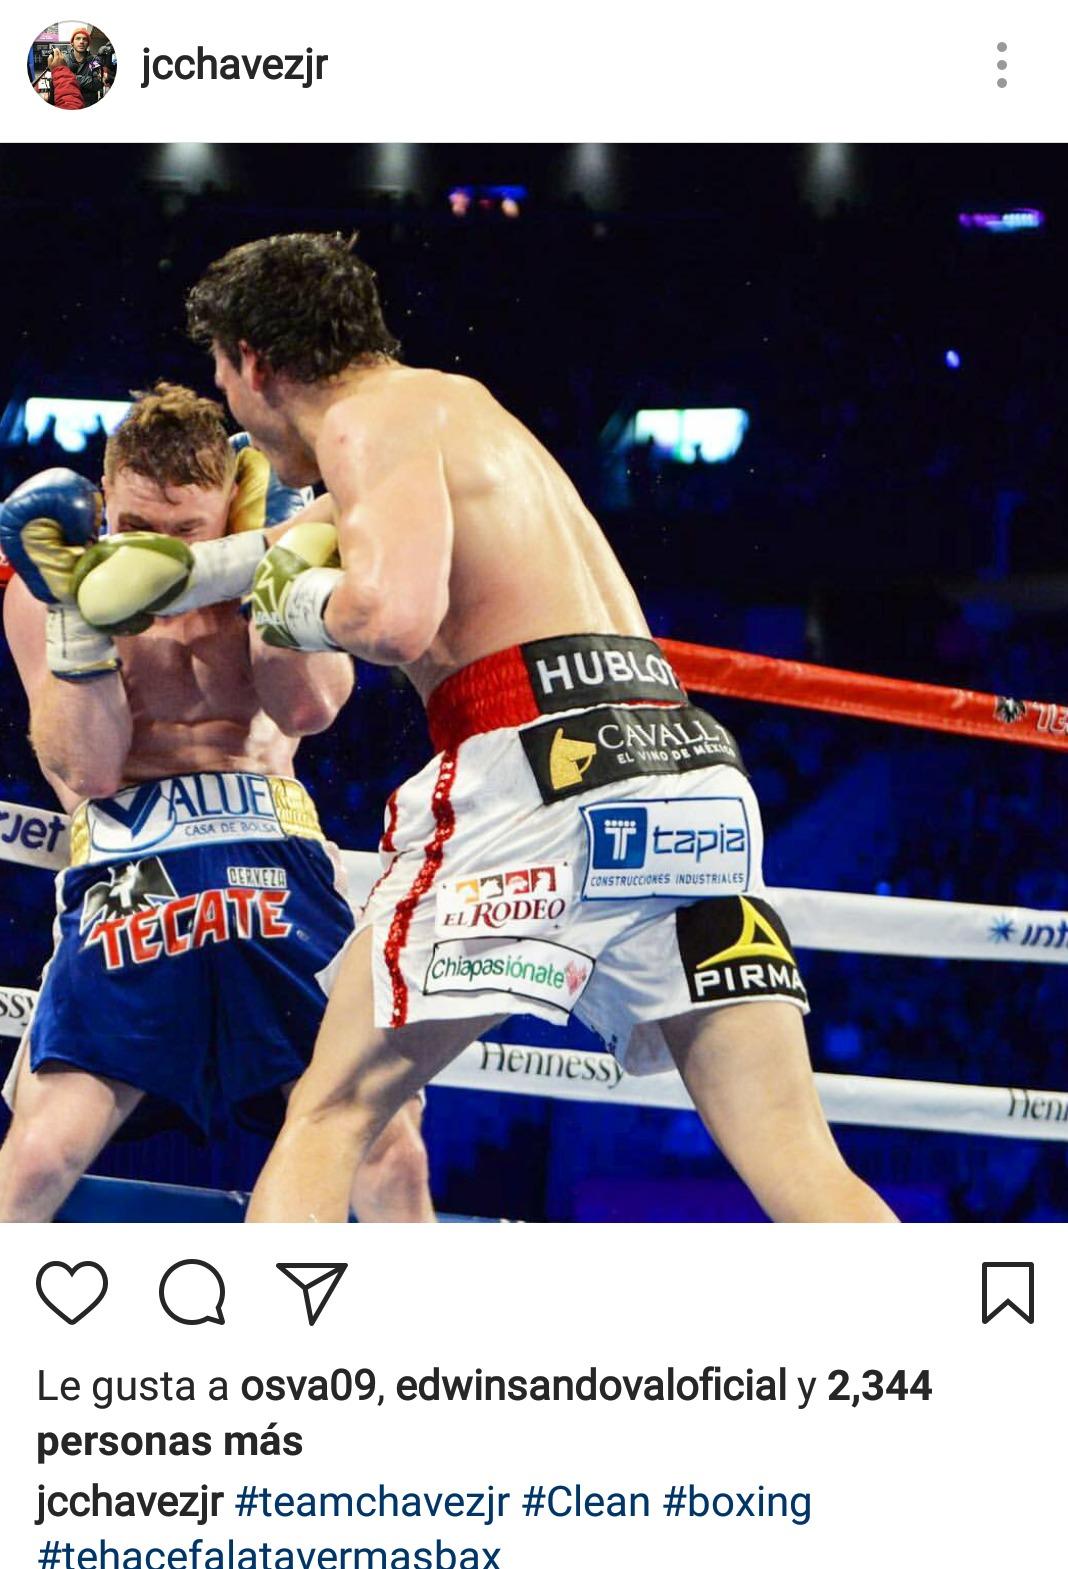 ESPECIAL INSTAGRAM Trollean a Chávez Jr. por fotos de la pelea ante 'Canelo'